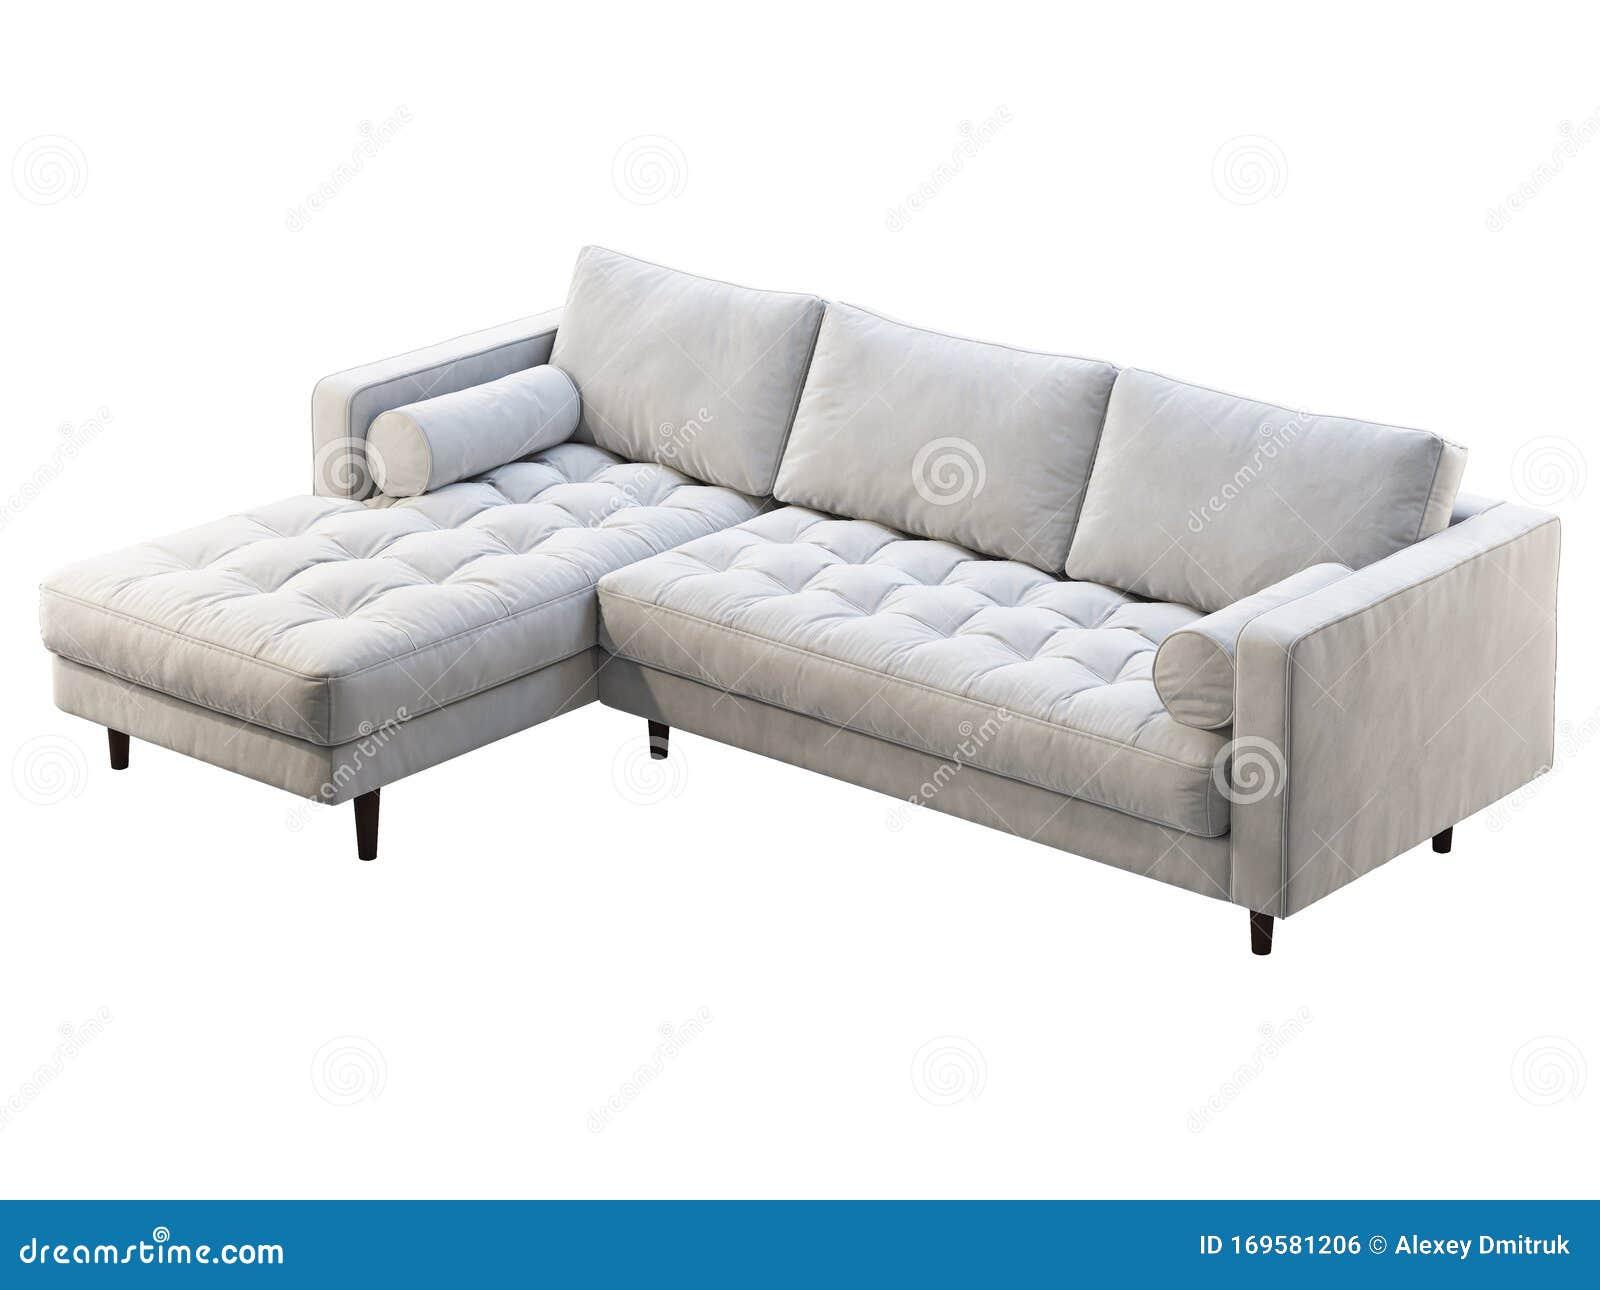 Mid Century Corner White Velvet Upholstery Sofa With Chaise Lounge 3d Render Stock Illustration Illustration Of Interior Bauhaus 169581206